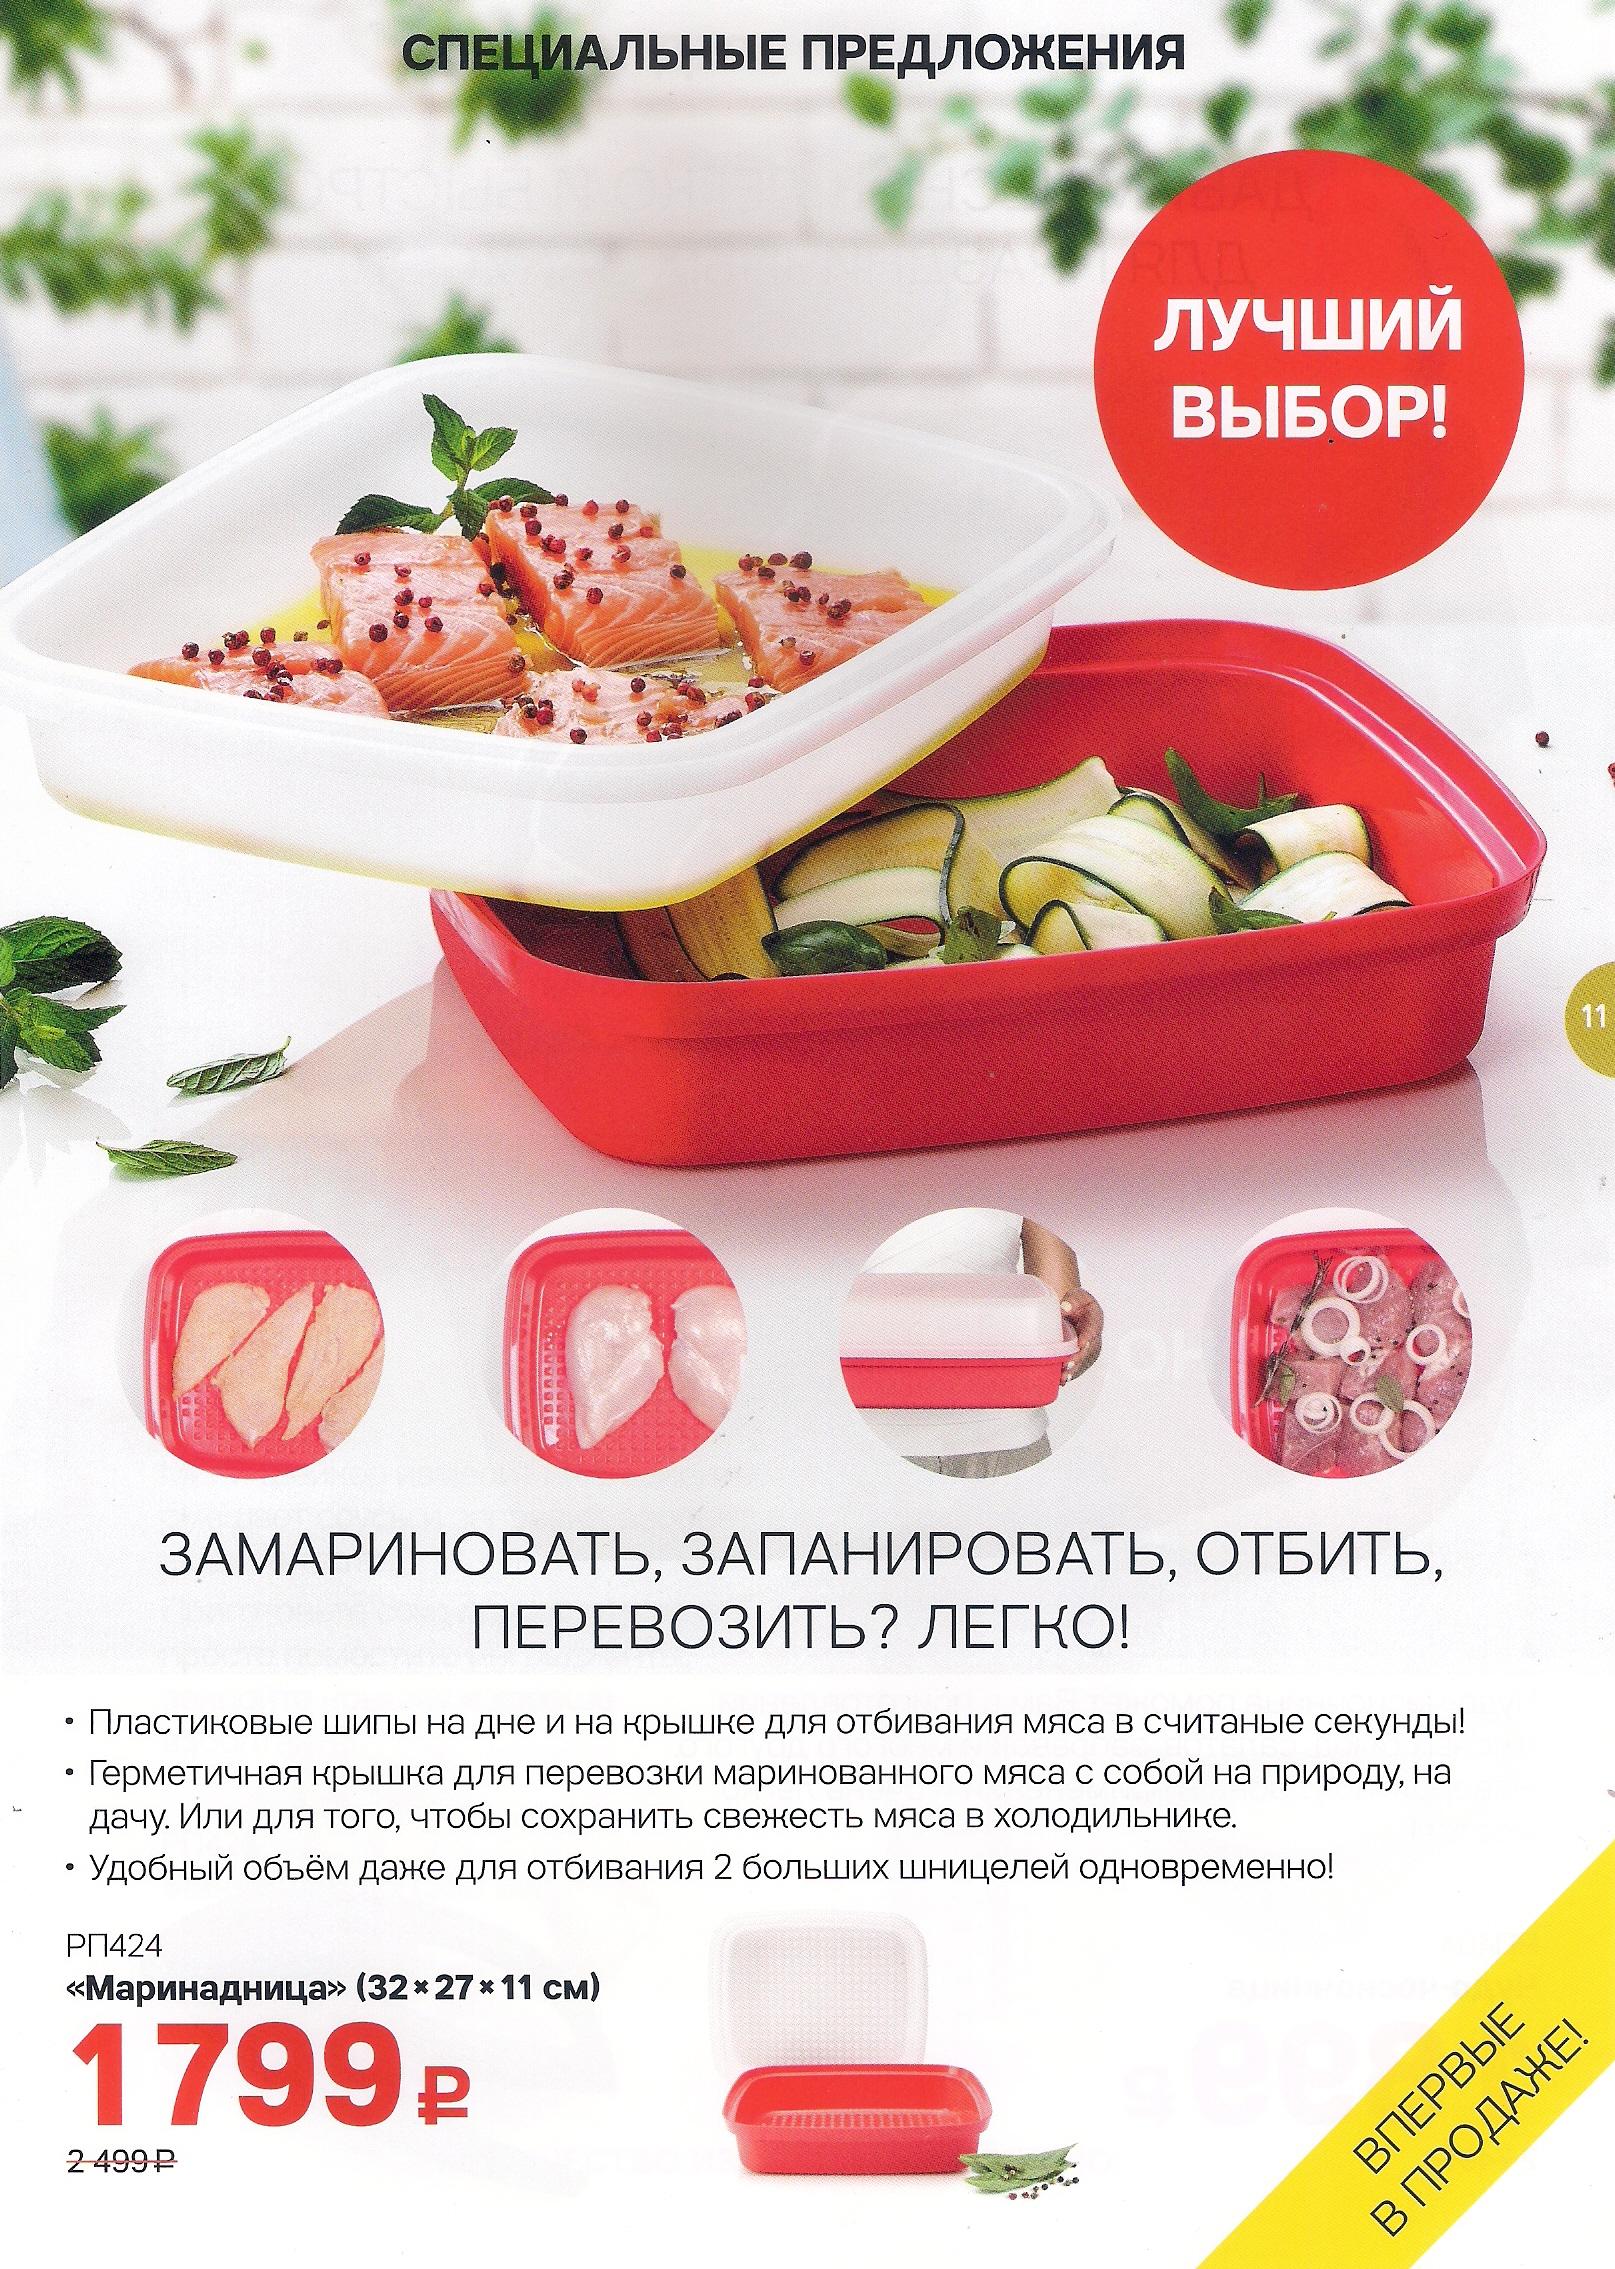 https://tupperware-online.ru/images/upload/10p.jpg